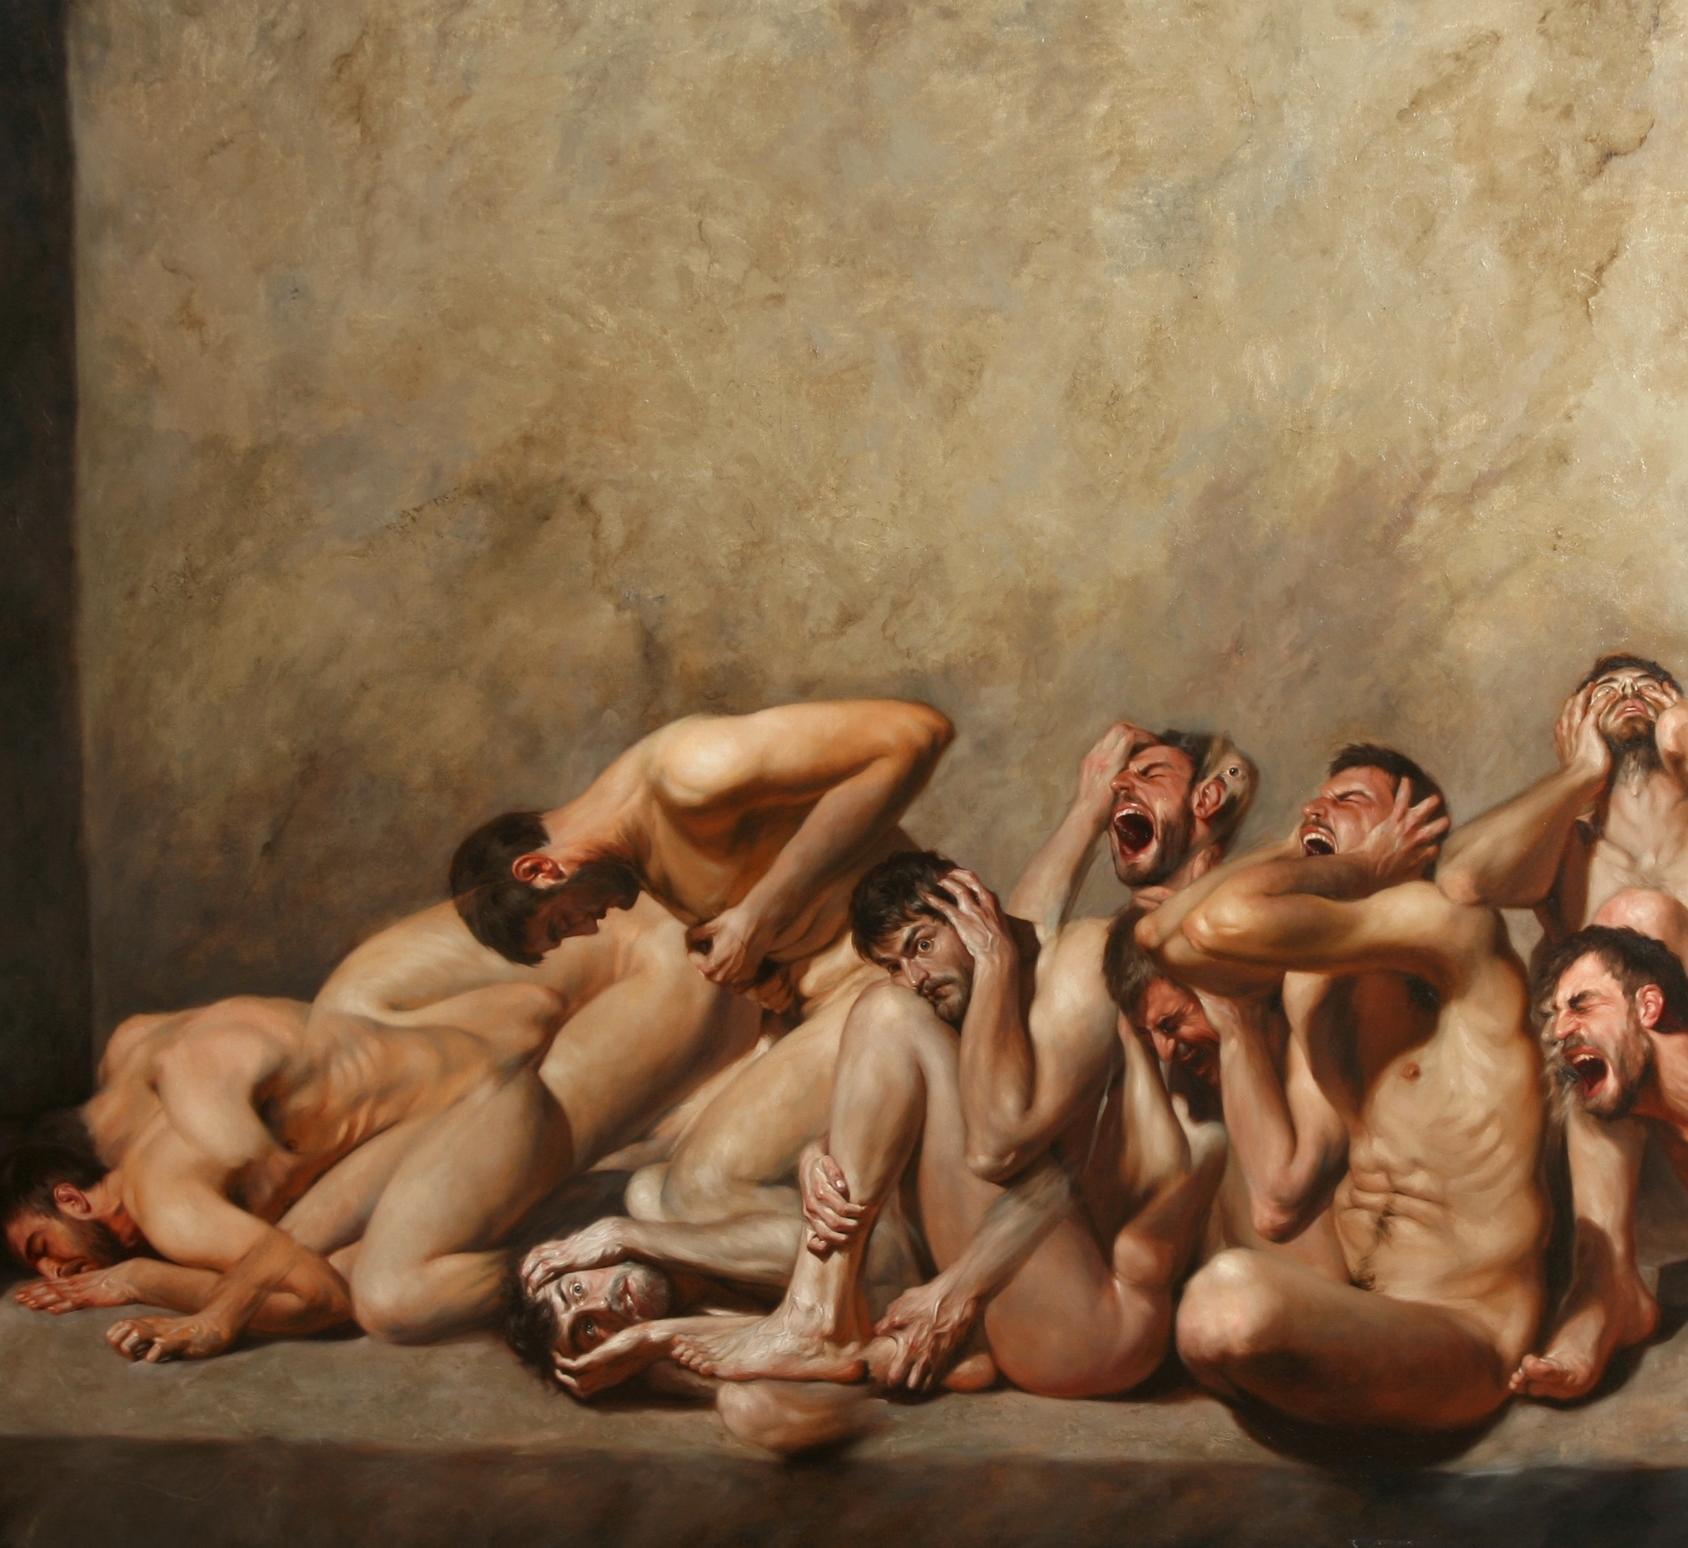 Particolare_del_dipinto_'Al_limite'_(2006)